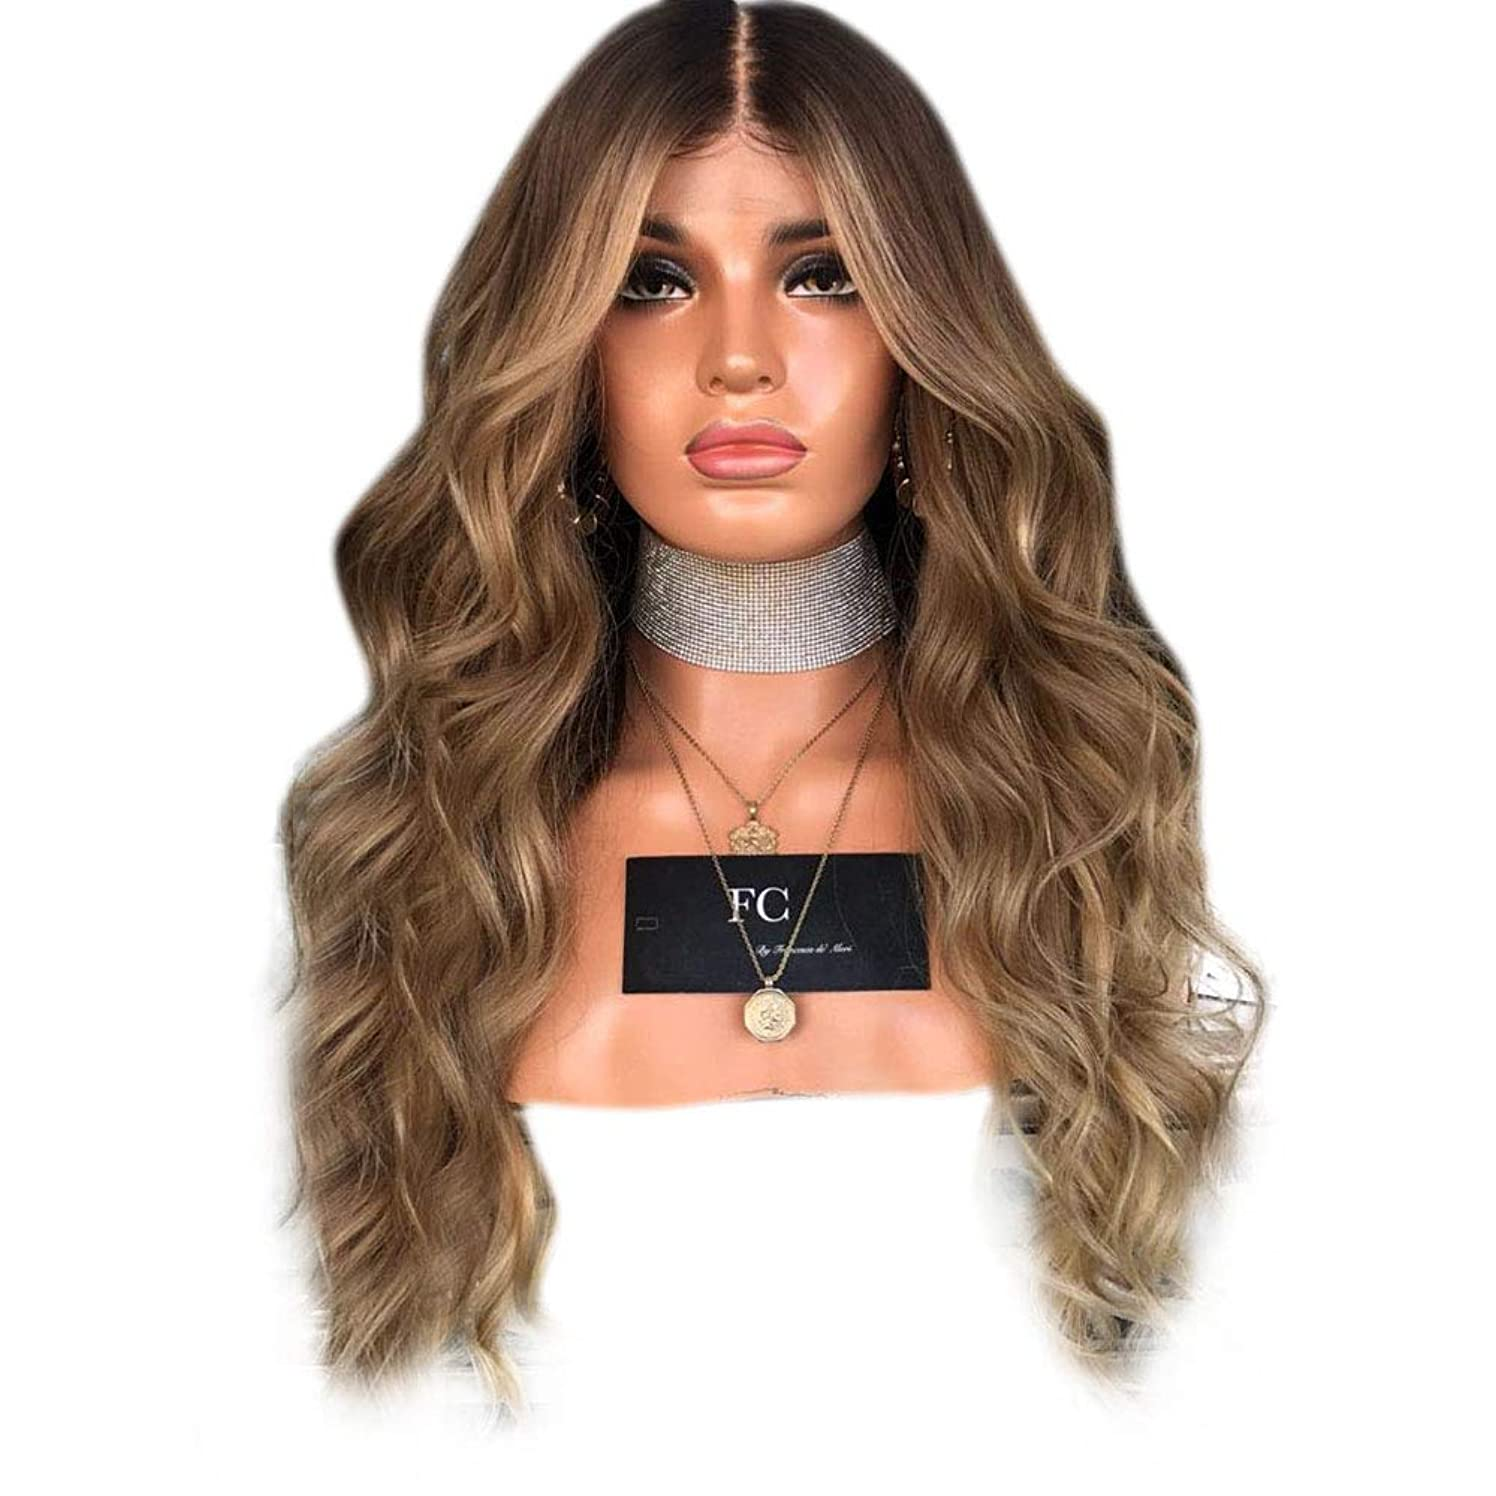 アクセス苛性サミュエルYrattary 女性の気質ライトブラウンミディアムロングカーリーヘアーマイクロロールロングストレートヘア染めウィッグ複合毛レースウィッグロールプレイングかつら (色 : 淡い茶色, サイズ : 65cm)